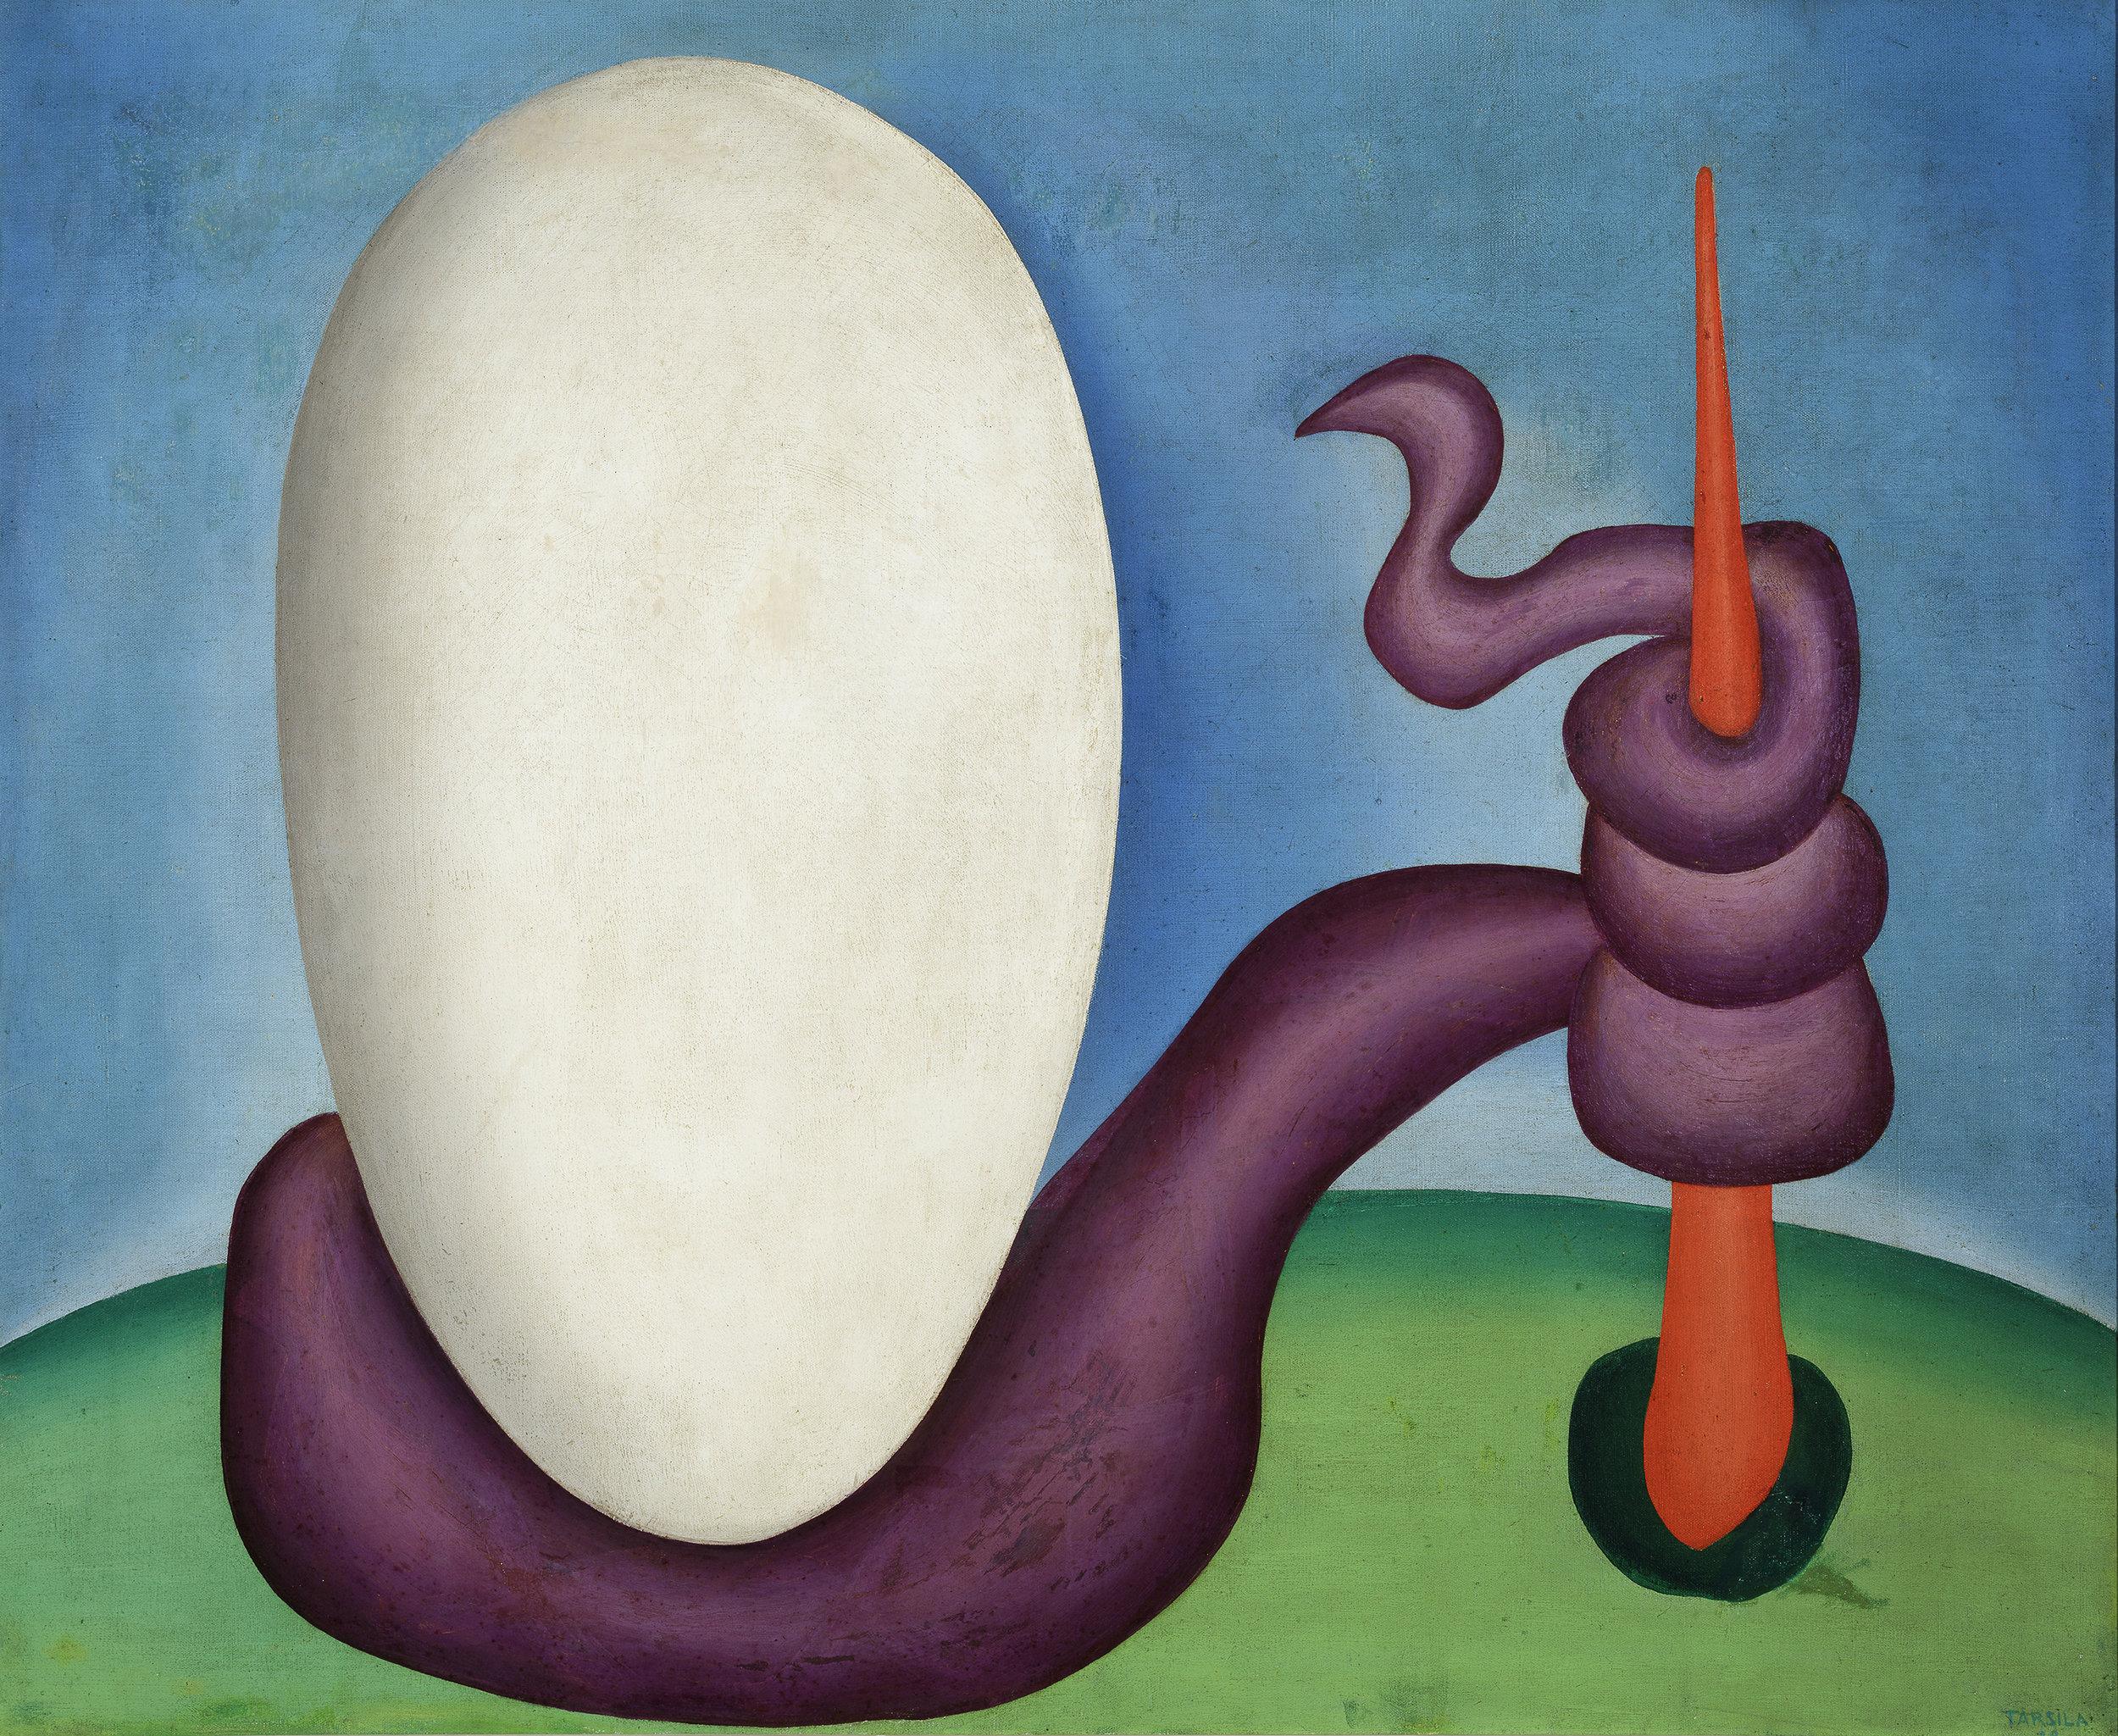 Tarsila do Amaral. Urutu Viper (Urutu). 1928. Oil on canvas. © Tarsila do Amaral Licenciamentos.